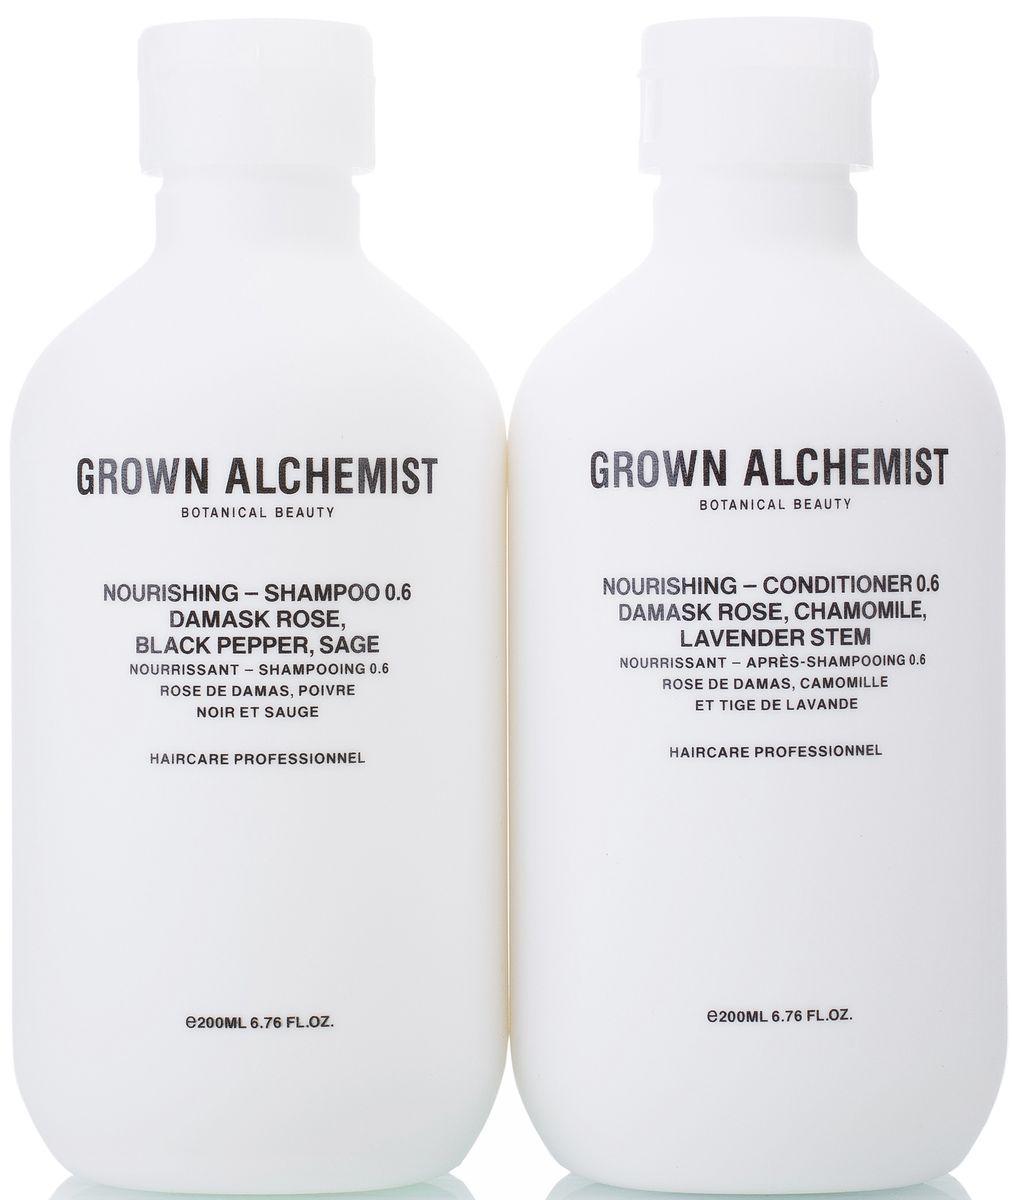 Grown Alchemist Набор для волос Питательный: кондиционер, шампунь, 2 х 200 млGESS-131В набор входит: Питательный шампунь 200 мл, Питательный кондиционер 200 мл